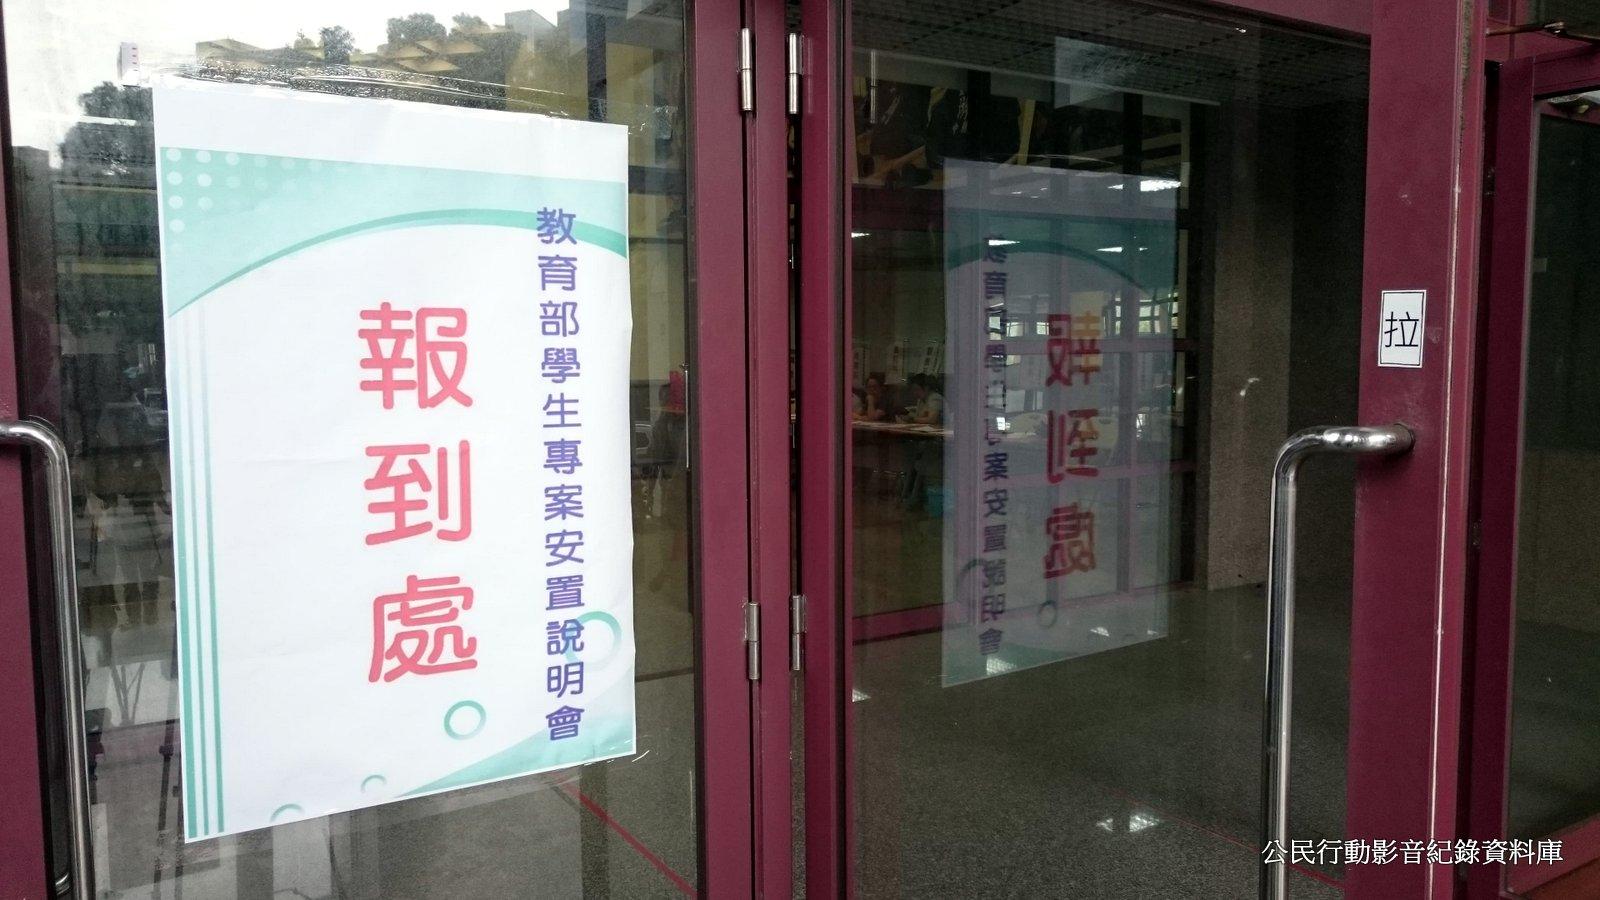 亞太學院停辦爭議 今首次召開學生安置說明會